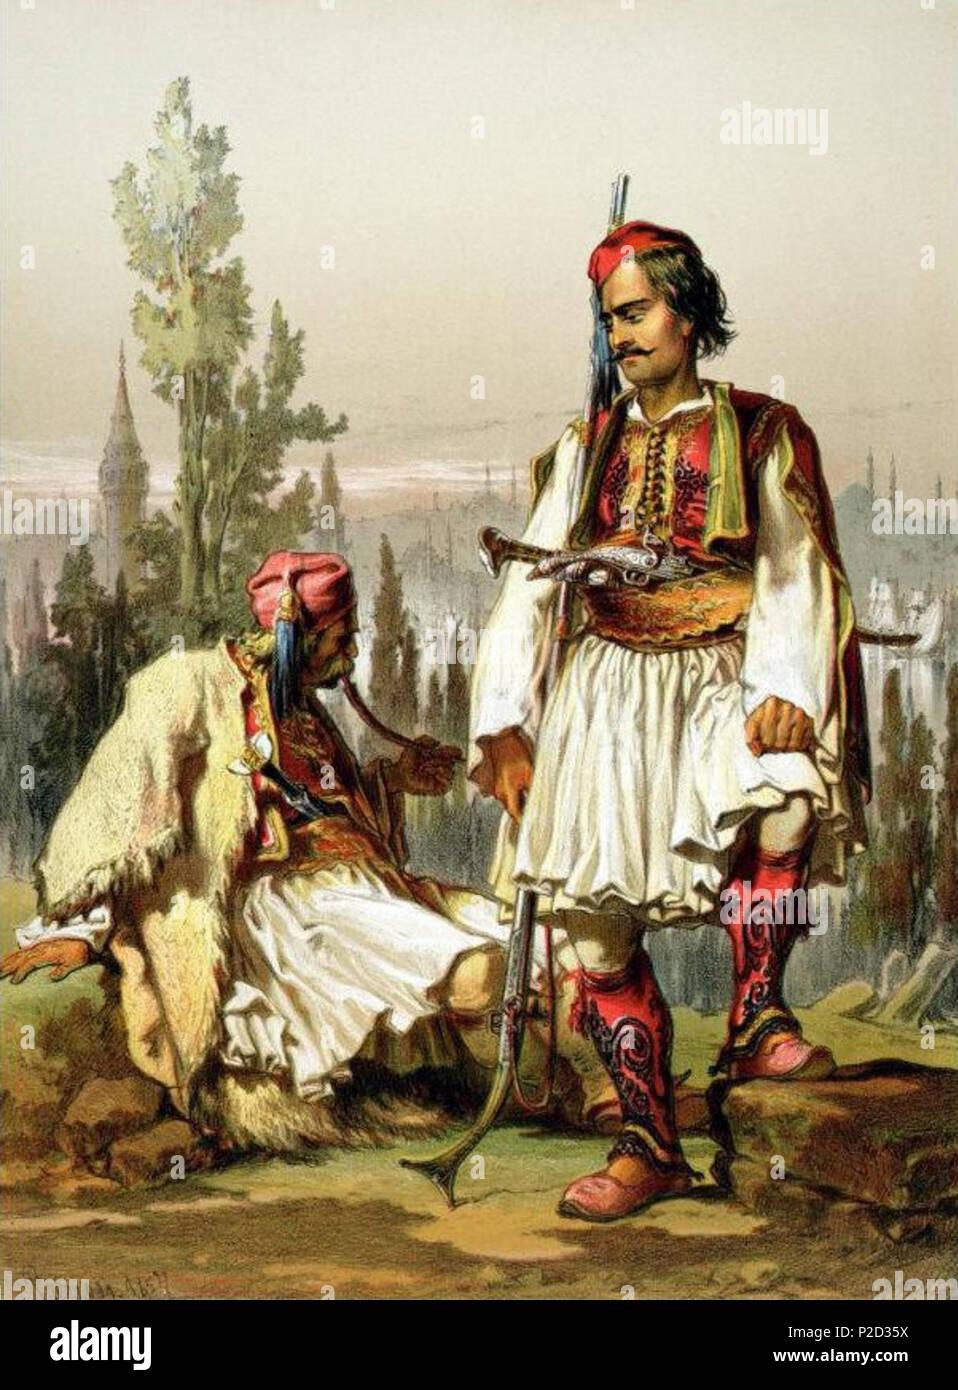 https www alamyimages fr anglais peinture de 19e siecle mercenaires albanais dans l armee ottomane 19e siecle amadeo preziosi duree de vie 19e siecle 4 amadeo preziosi albanais de mercenaires dans l armee ottomane image208041622 html